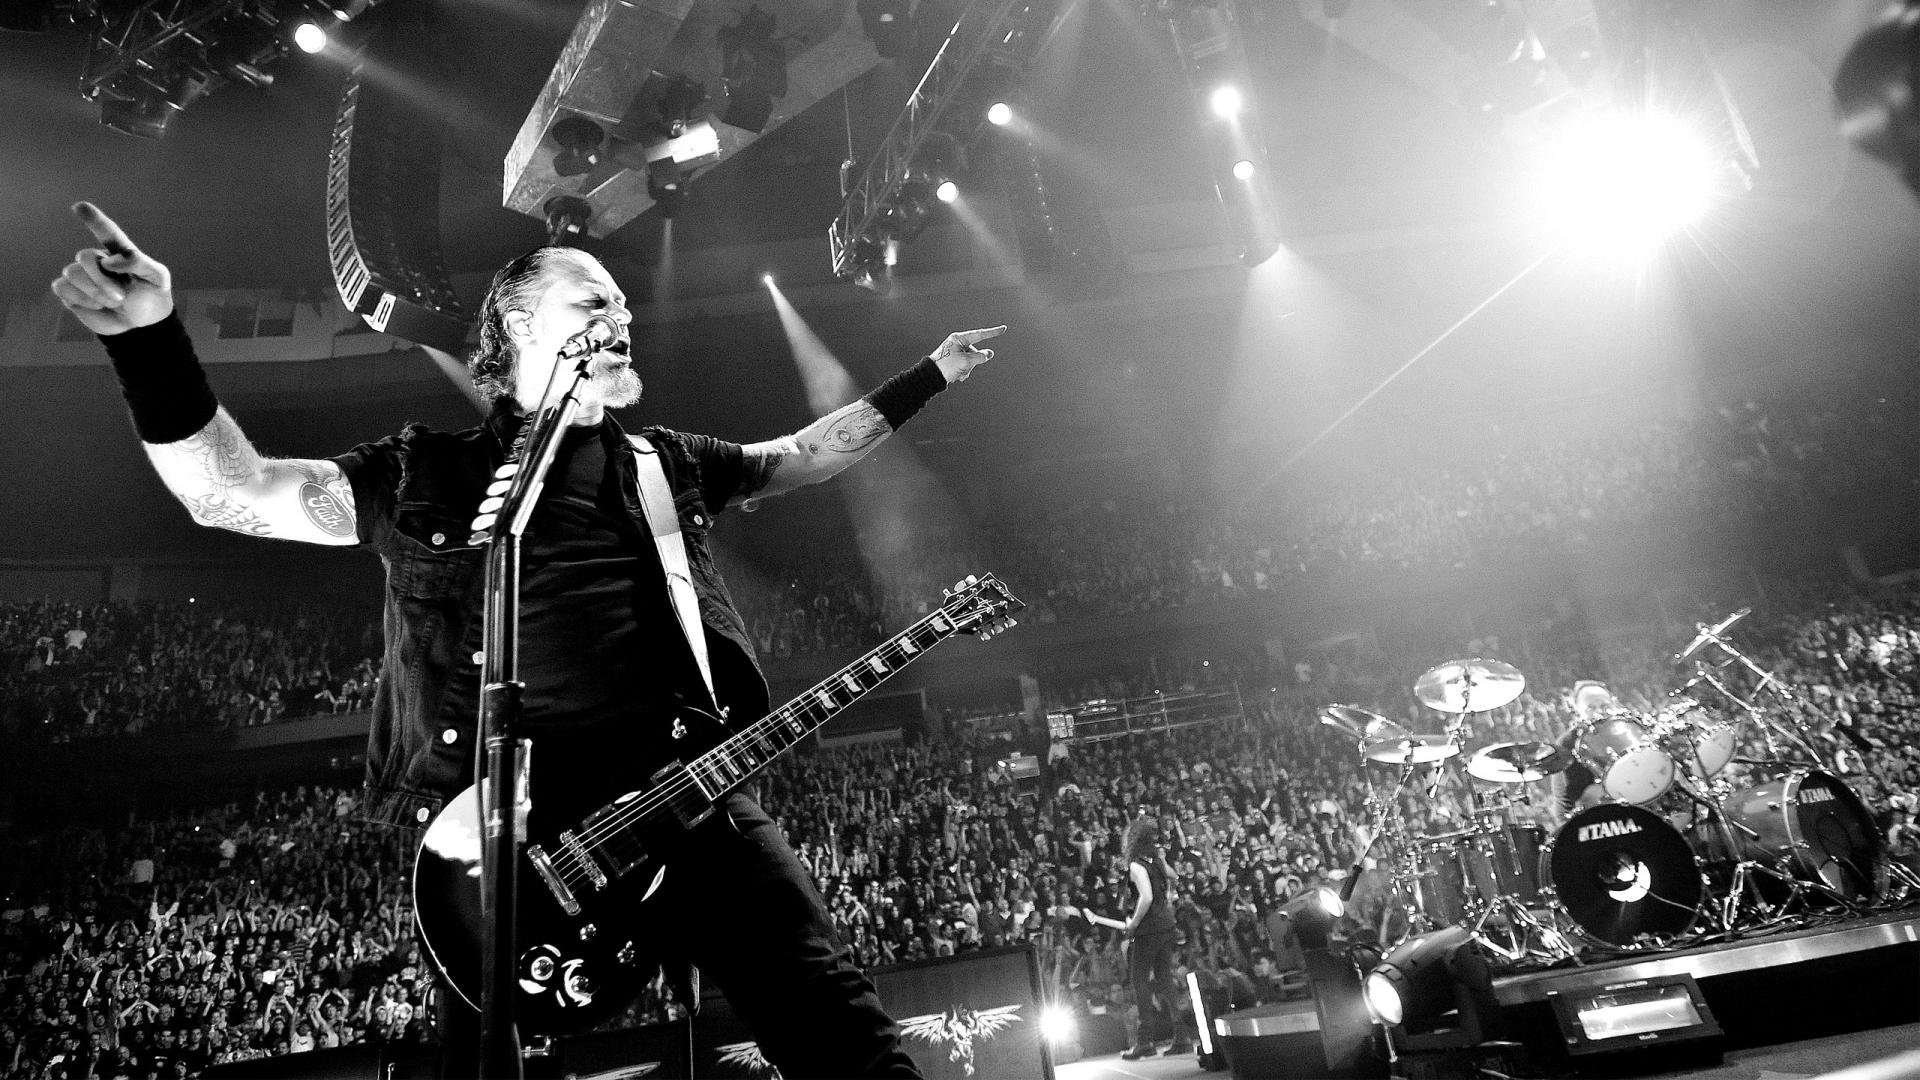 imagenes-de-Metallica-en-hd13